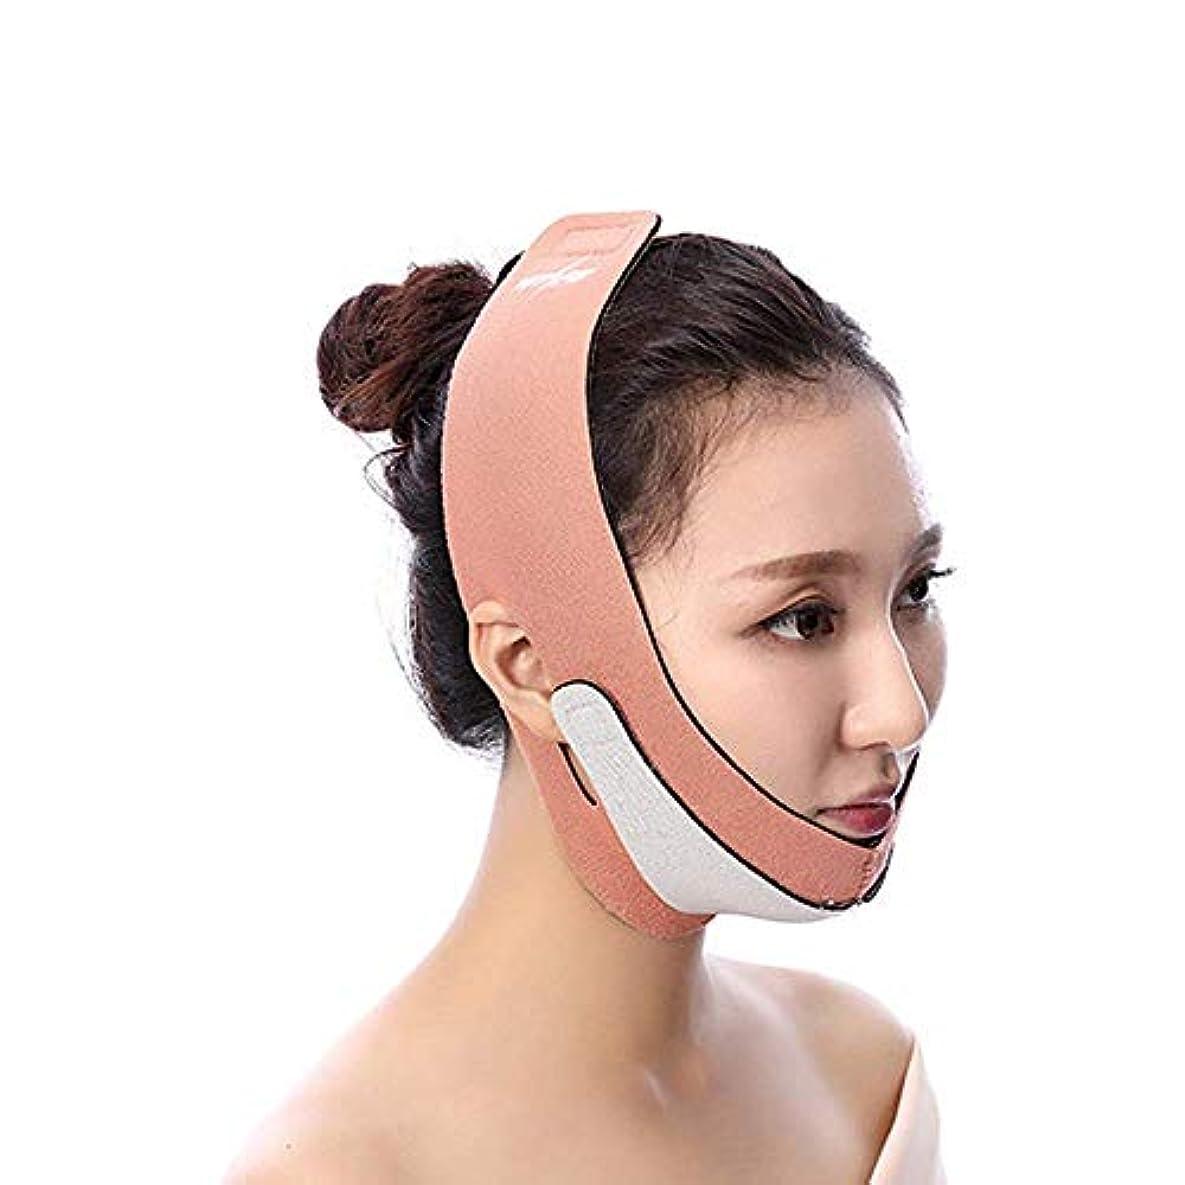 明確な接続された従来の薄型フェイスマスク、フェイスリフティングに最適、フェイスバンドを持ち上げてスキン包帯を引き締める、チークチンリフティング、スキン包帯を引き締める(フリーサイズ)(カラー:オレンジ),オレンジ